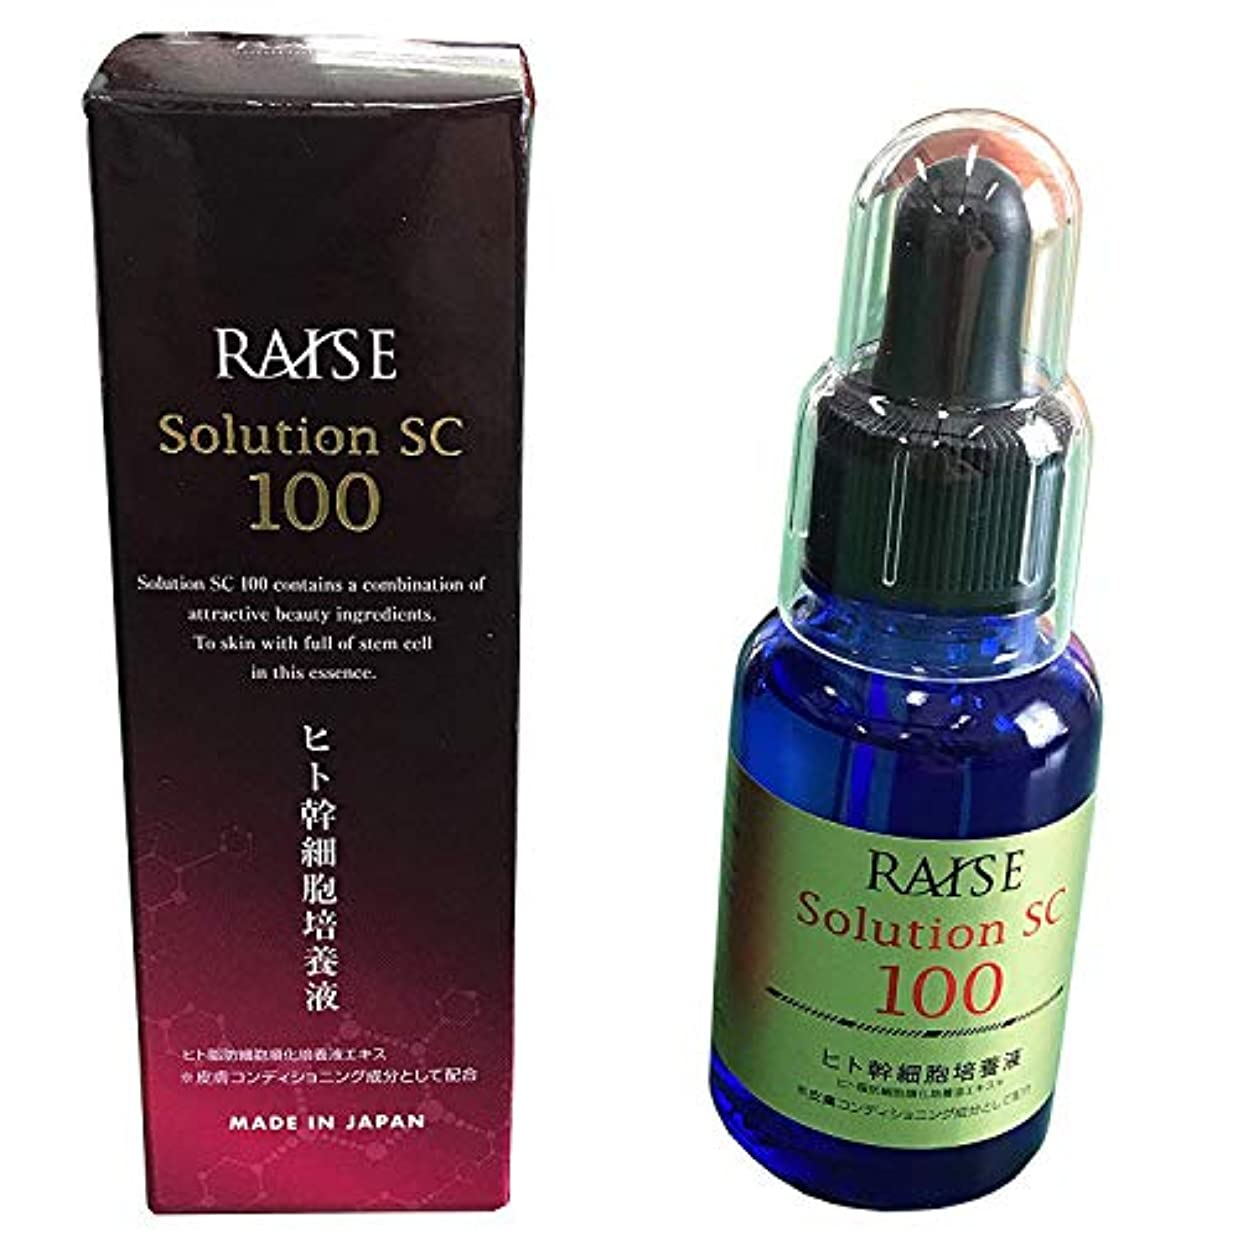 すり焦げ欠かせないRAISE (レイズ) ソリューション SC100 ヒト幹細胞 + 活性型 FGF 美容液 30ml